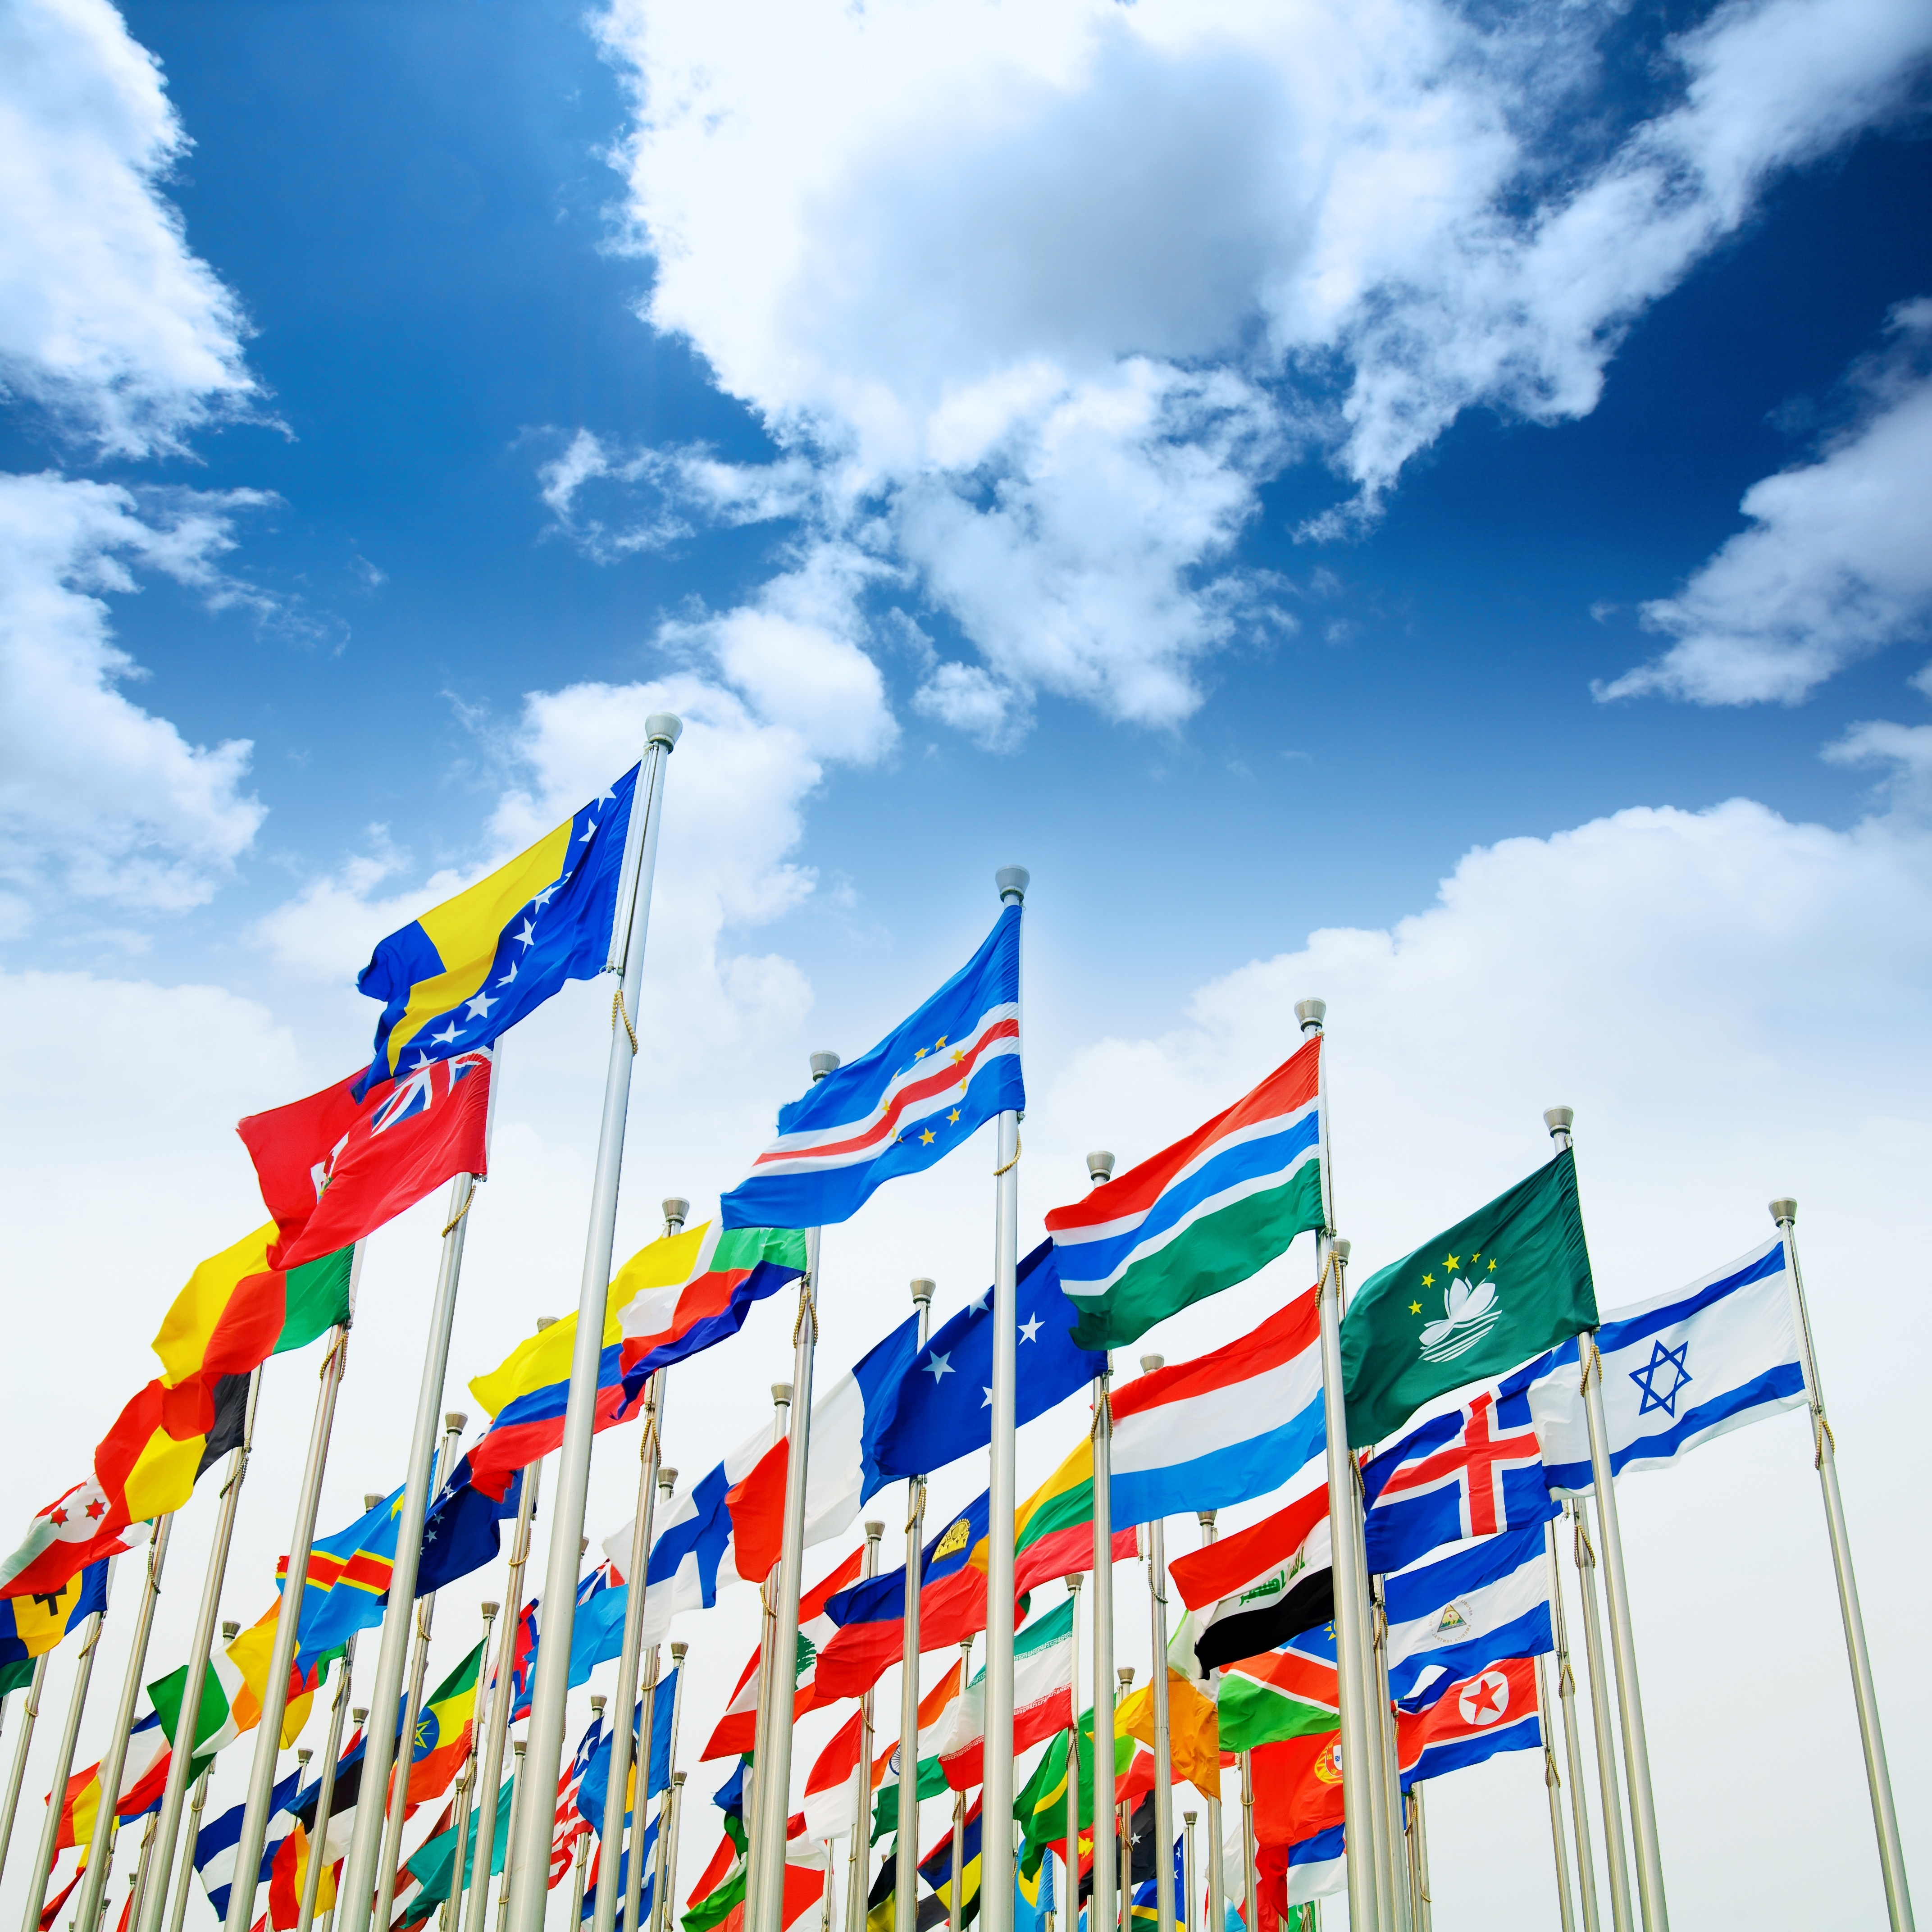 La red SFAI incorpora 89 nuevos asociados en UK, Canadá y los países asiáticos.